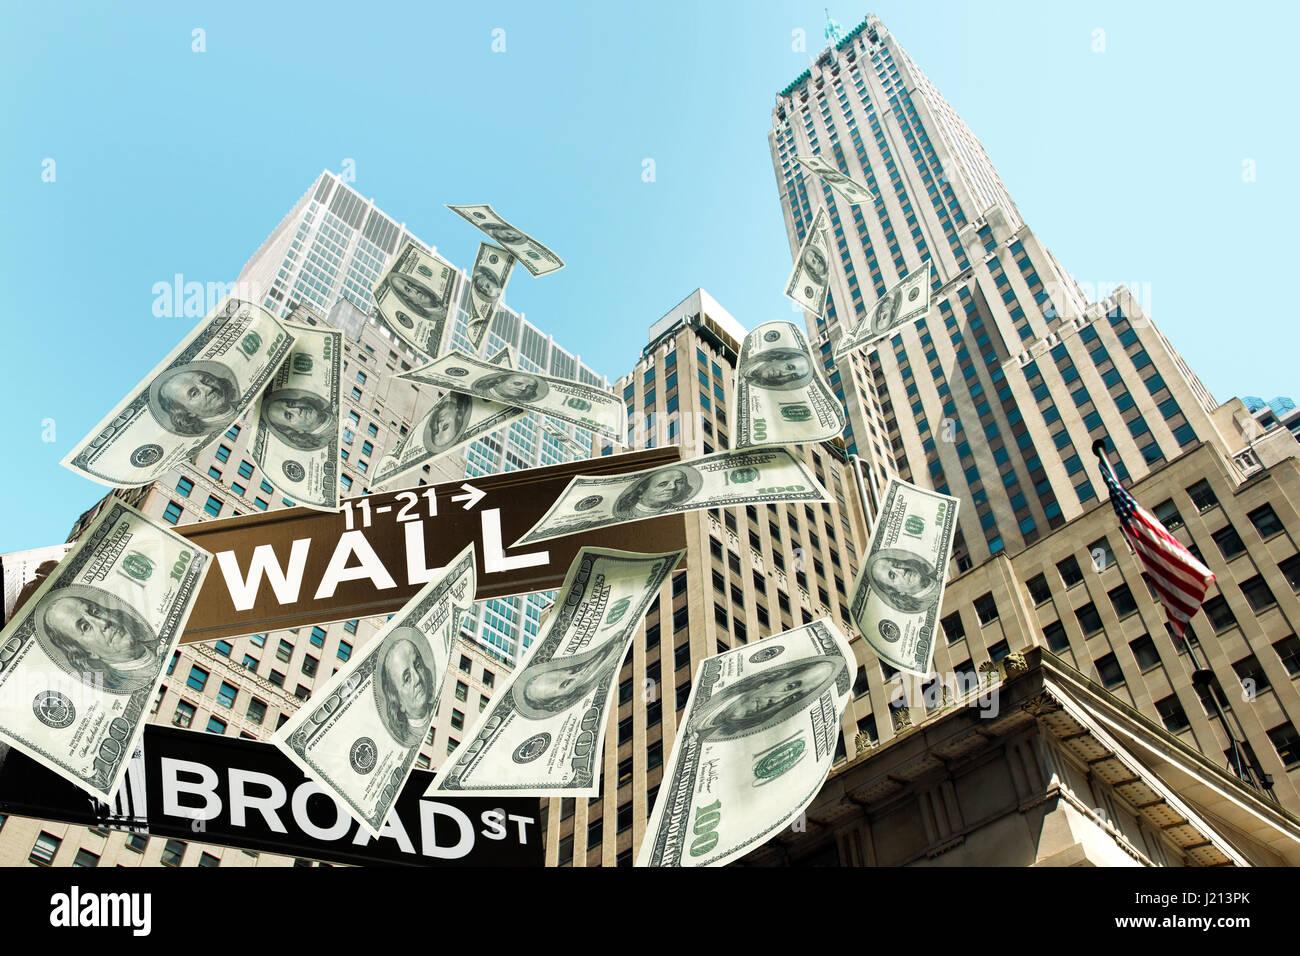 60d1d17bd4 Hundred Dollar Bills denaro cadere gli edifici del Wall Street. La  segnaletica stradale in Wall street corner Broad Street mostrano la  posizione.